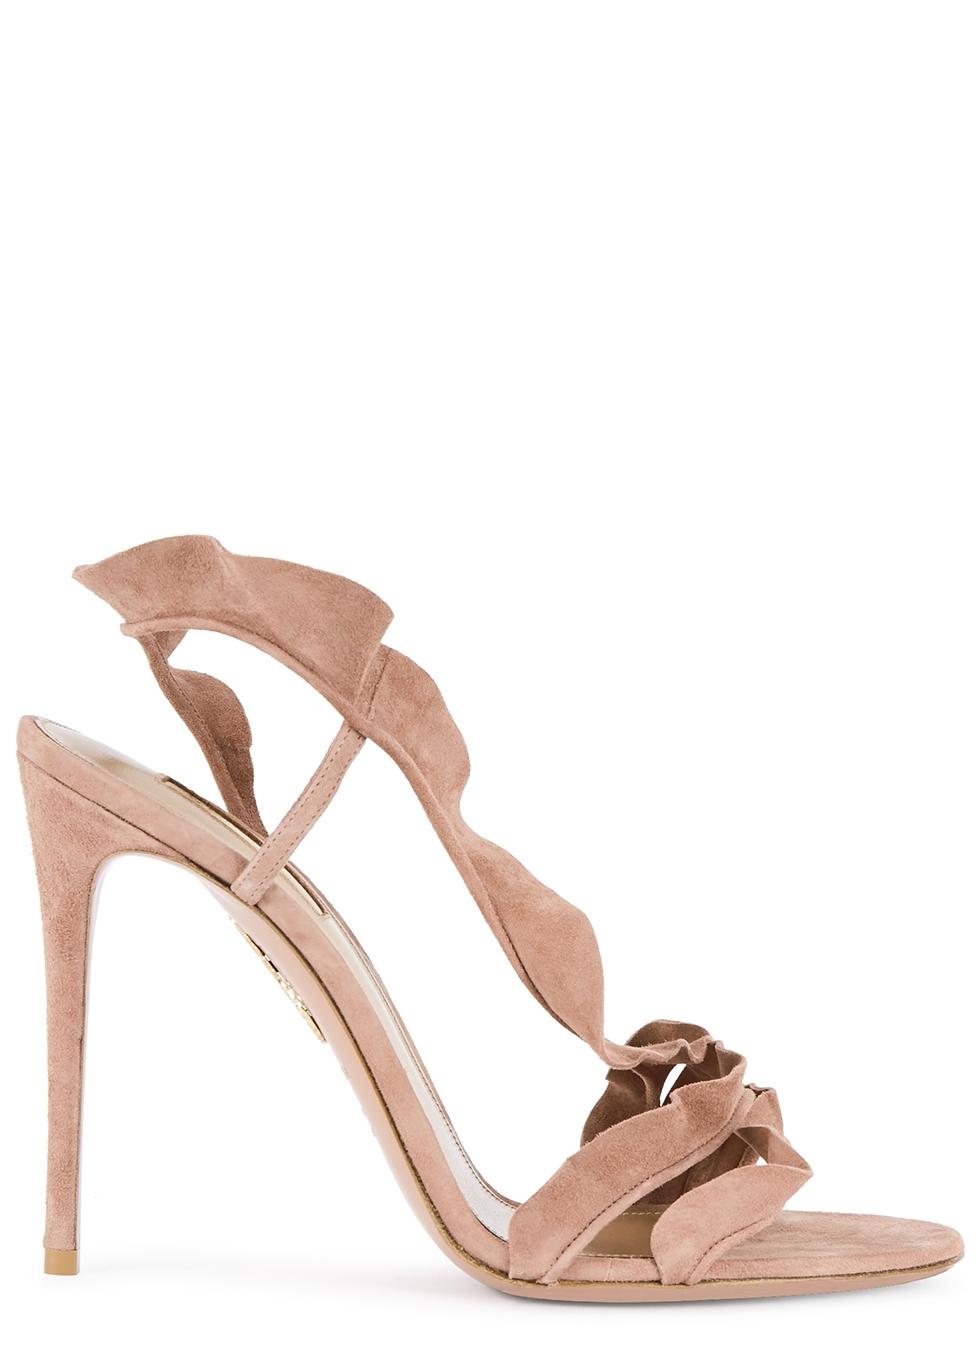 344a16da50b27 Women's Designer Shoes - Ladies Shoes - Harvey Nichols